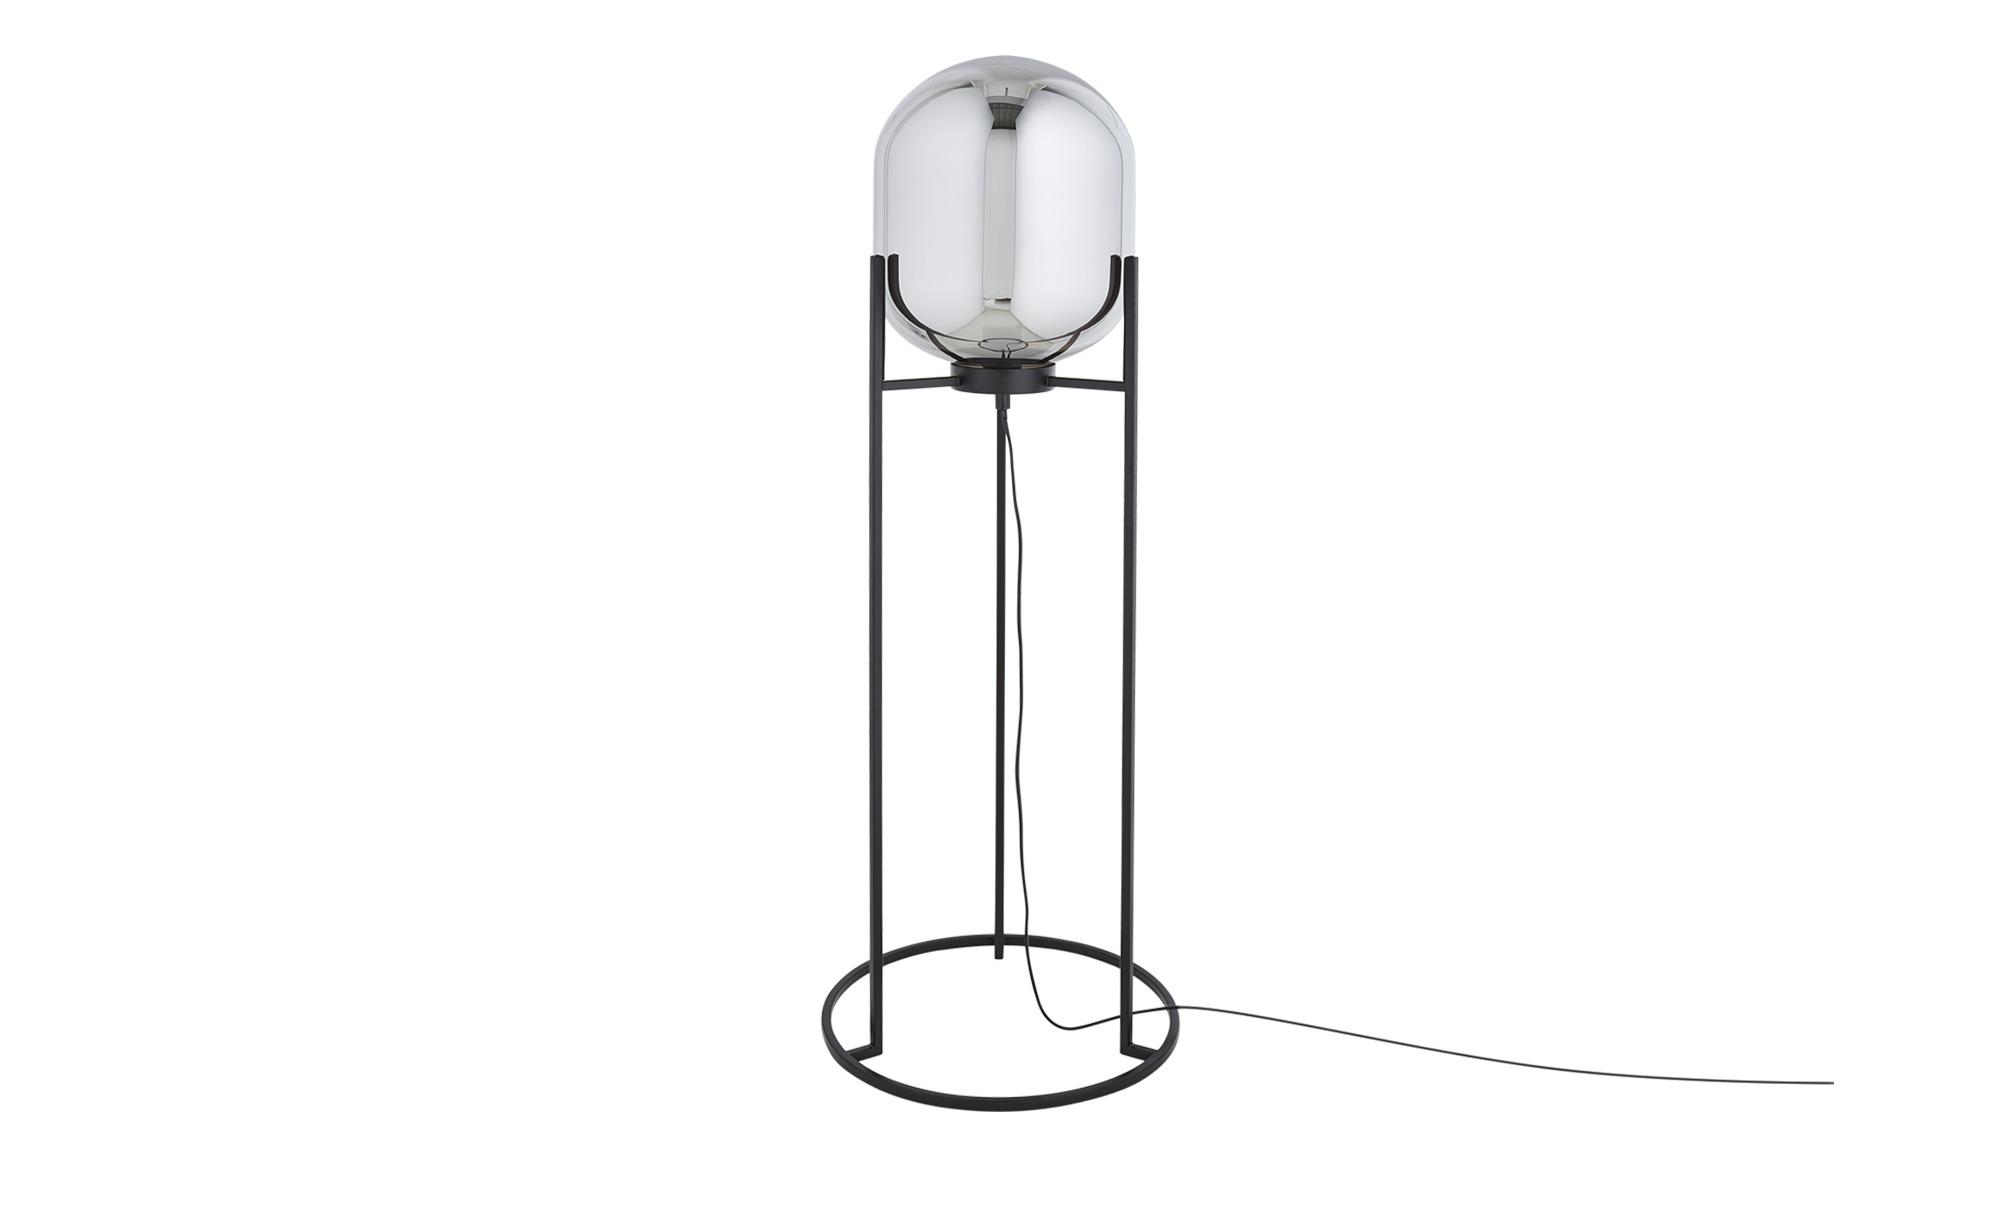 Fischer-Honsel Stehleuchte, 1-flammig ¦ schwarz ¦ Maße (cm): H: 97 Ø: 35.5 Lampen & Leuchten > Innenleuchten > Stehlampen - Höffner